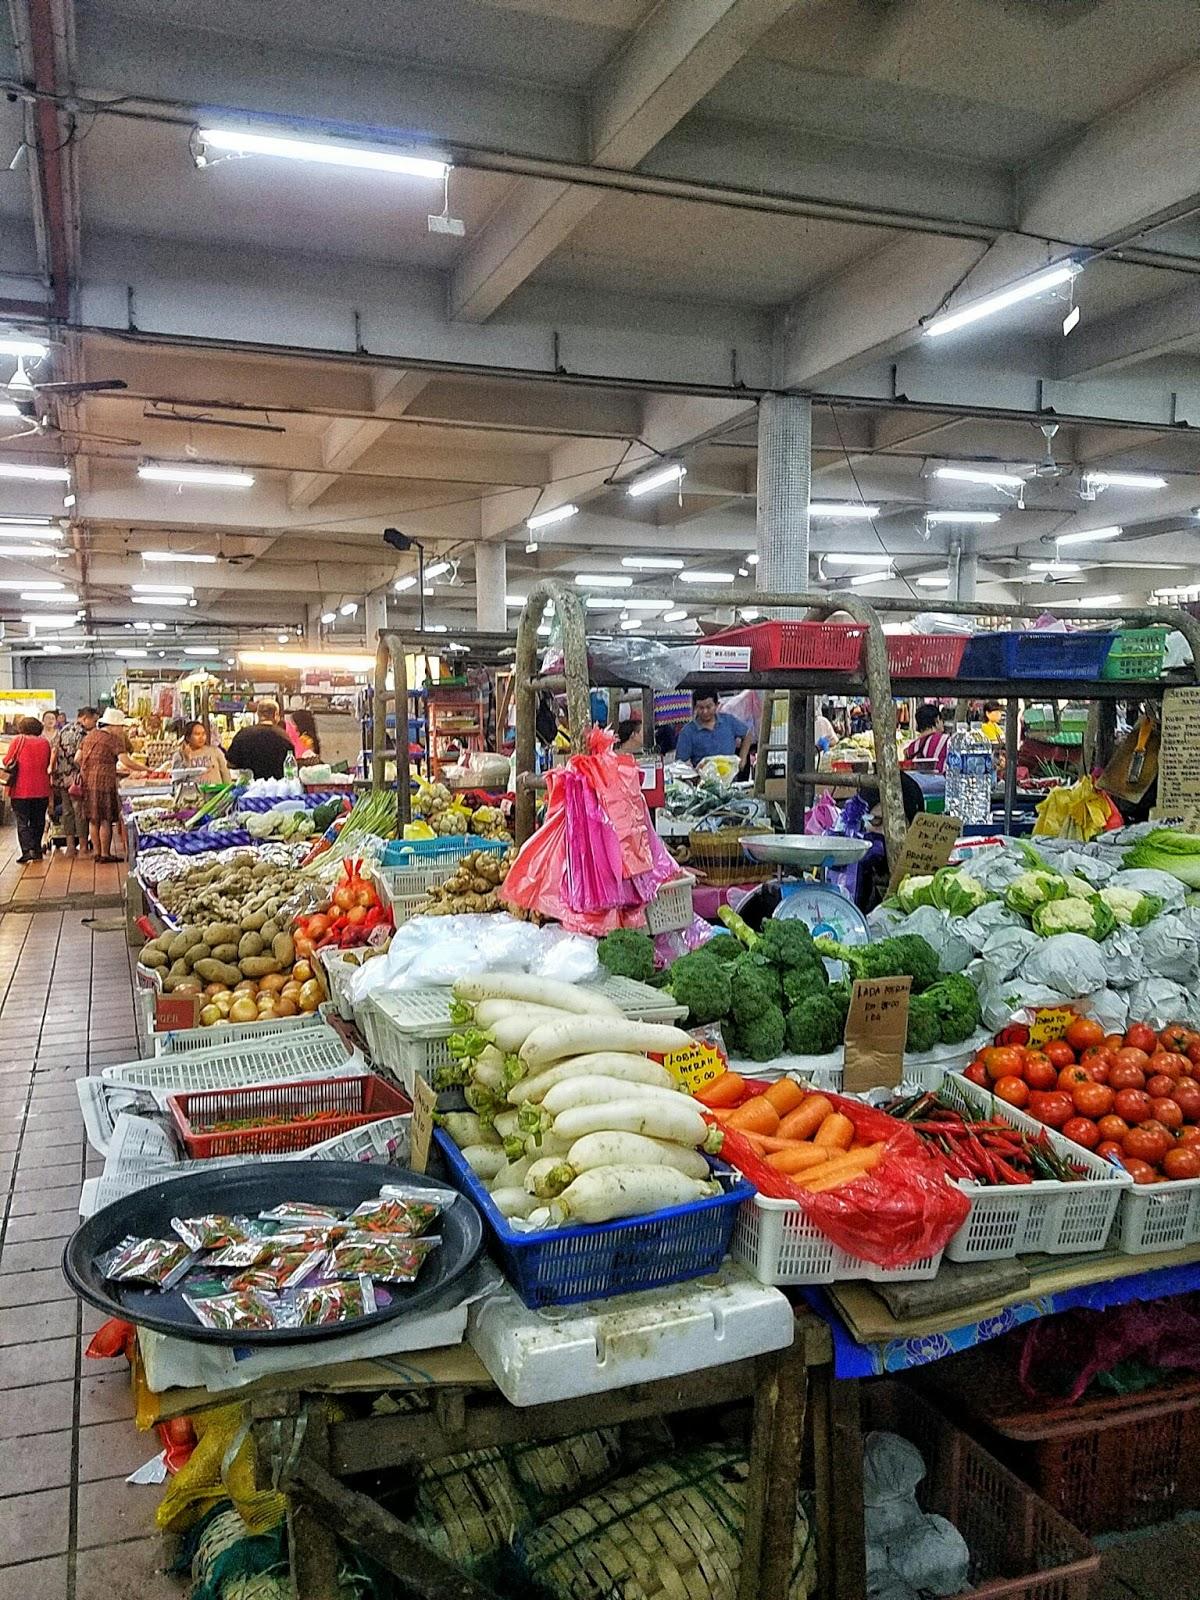 market groceries asia malaysia sabah kota kinabalu